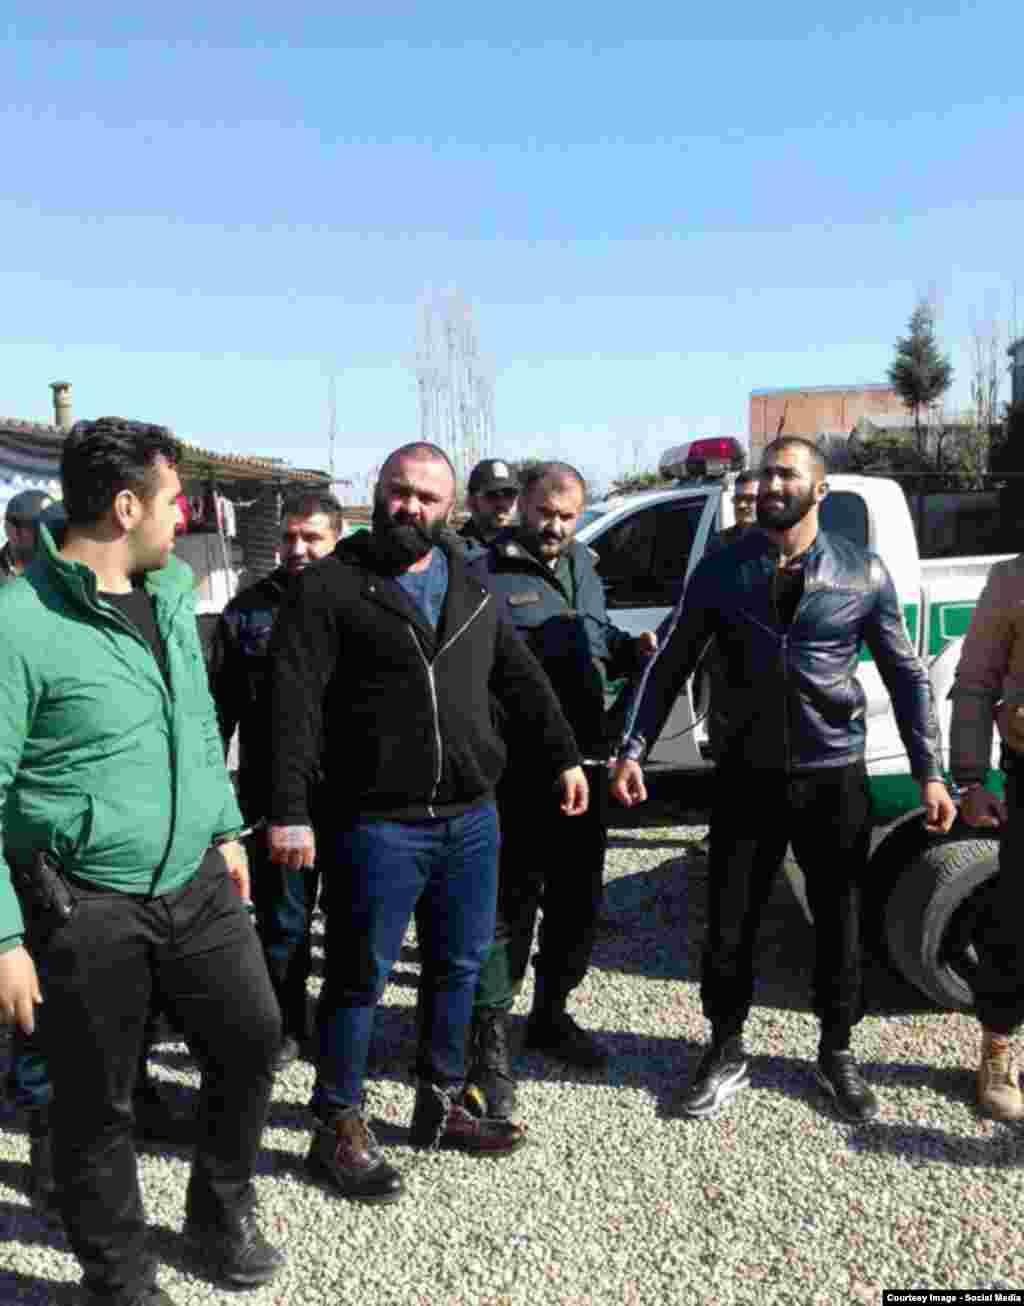 دستگیری فرد موسوم به«شاه مازندران»؛ برخی از افراد سابقهدار که در تلگرام اقدام به انتشار فیلم و تهدید یکدیگر کرده بودند، دستگیر شدند.